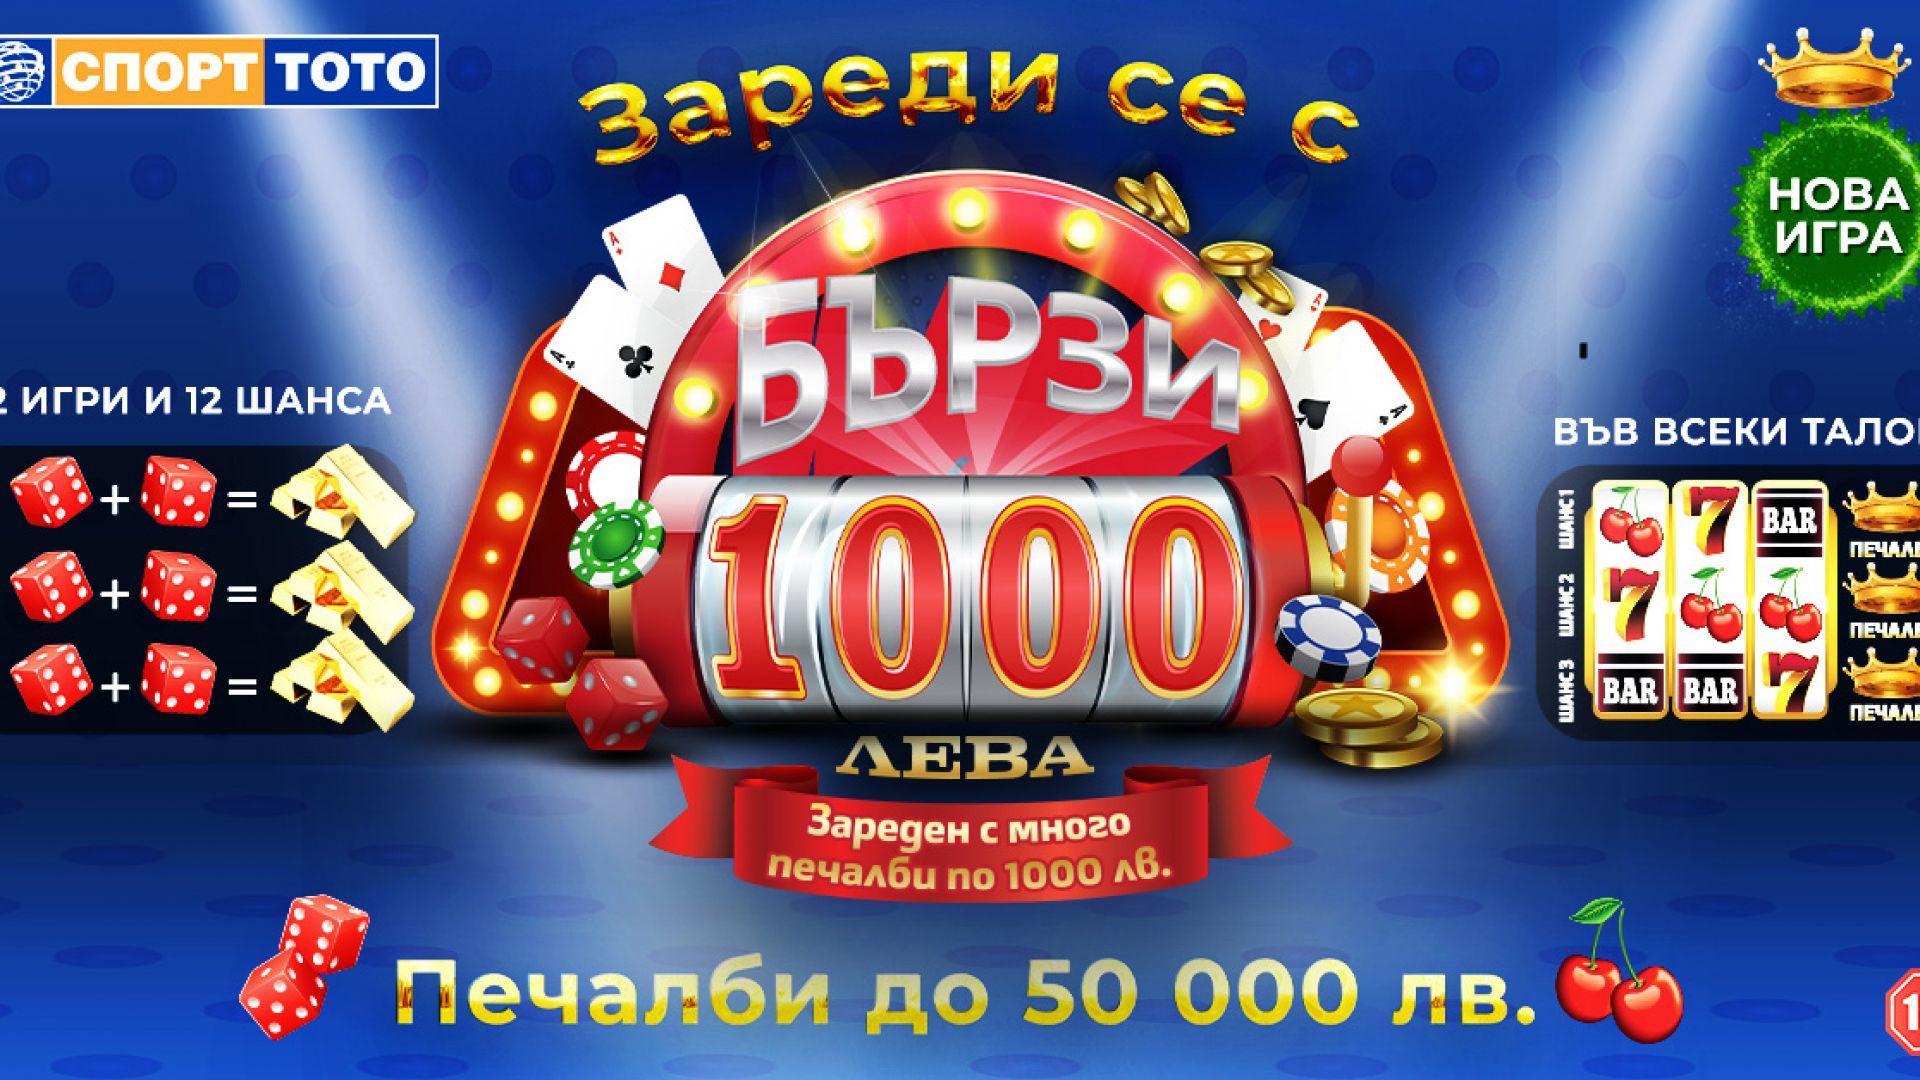 """Големи шансове за печалба с новата игра """"Бързите 1 000 лева"""" на Спорт Тото"""